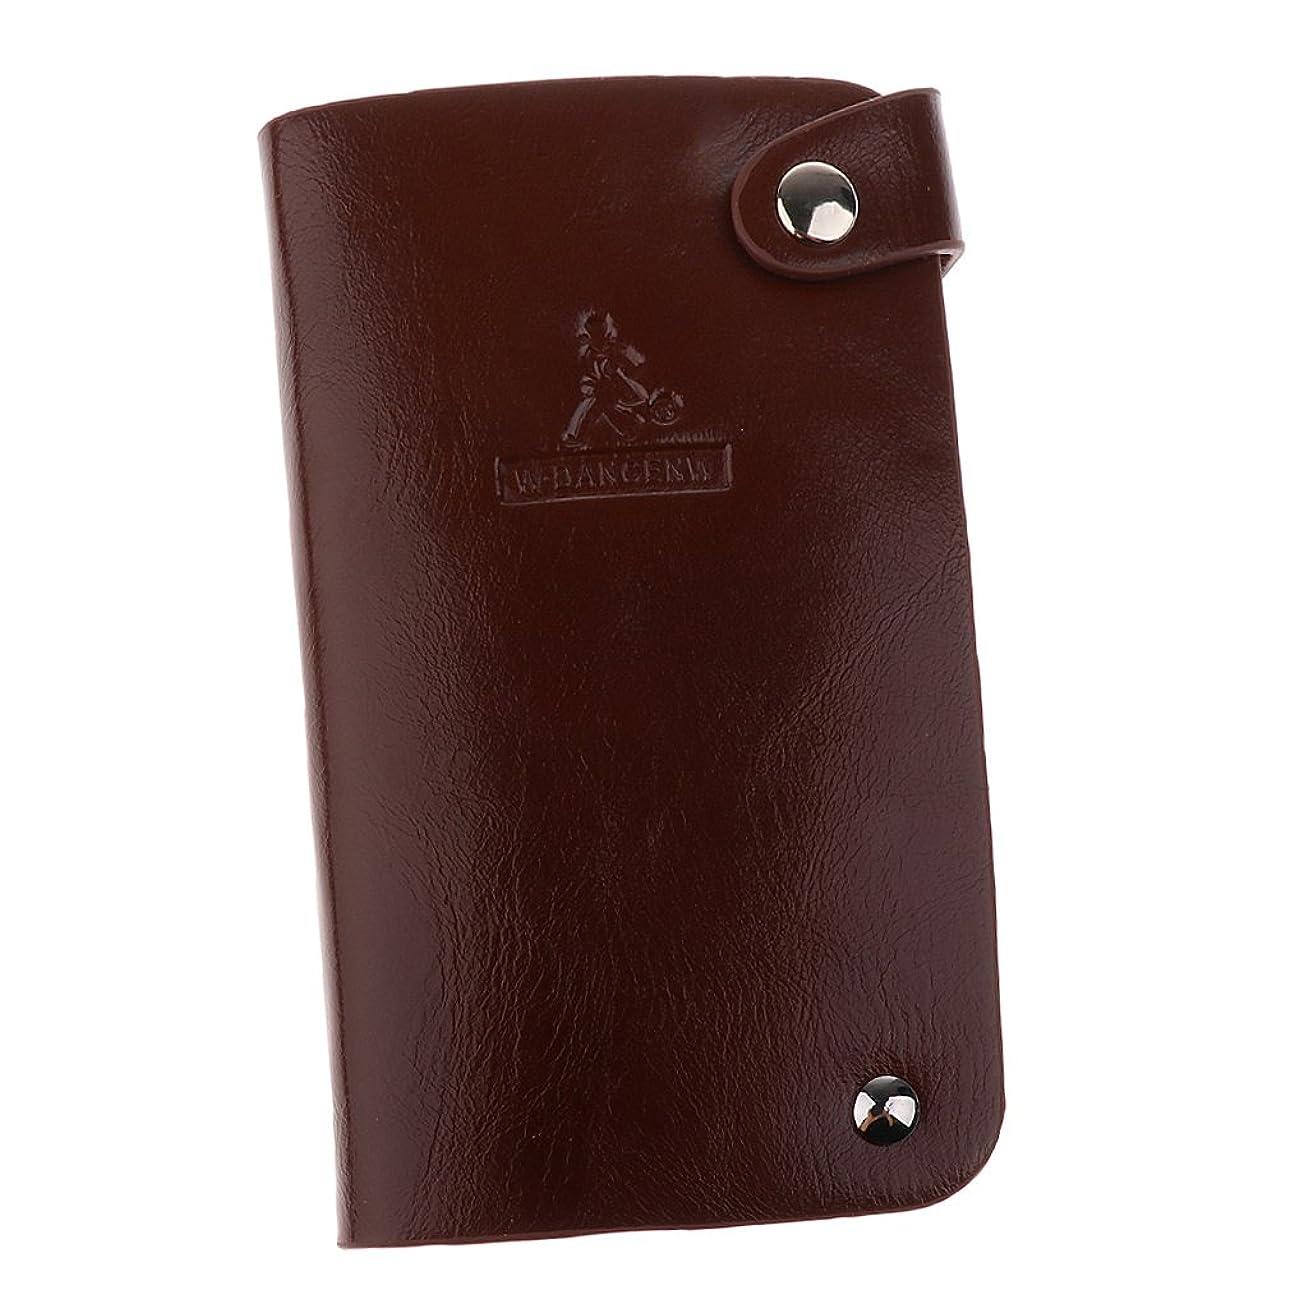 追い越す陰気バックグラウンド折り財布 PUレザー クレジットカードホルダー カードケース カードホルダー 収納 30枚 全3色